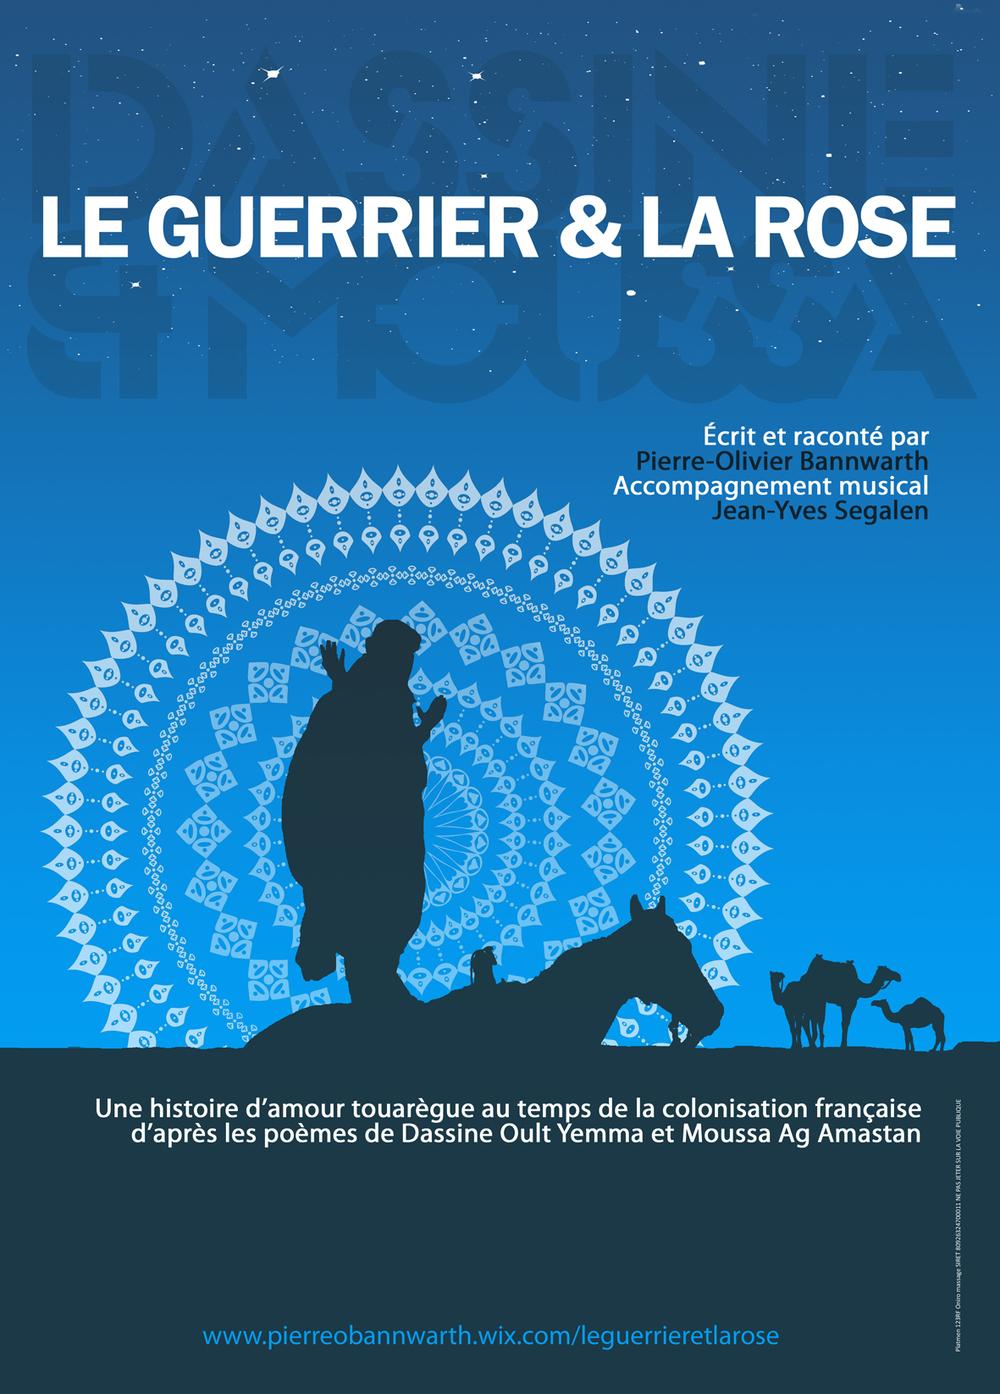 Affiche du conte le guerrier et la rose ©platmen 123RF